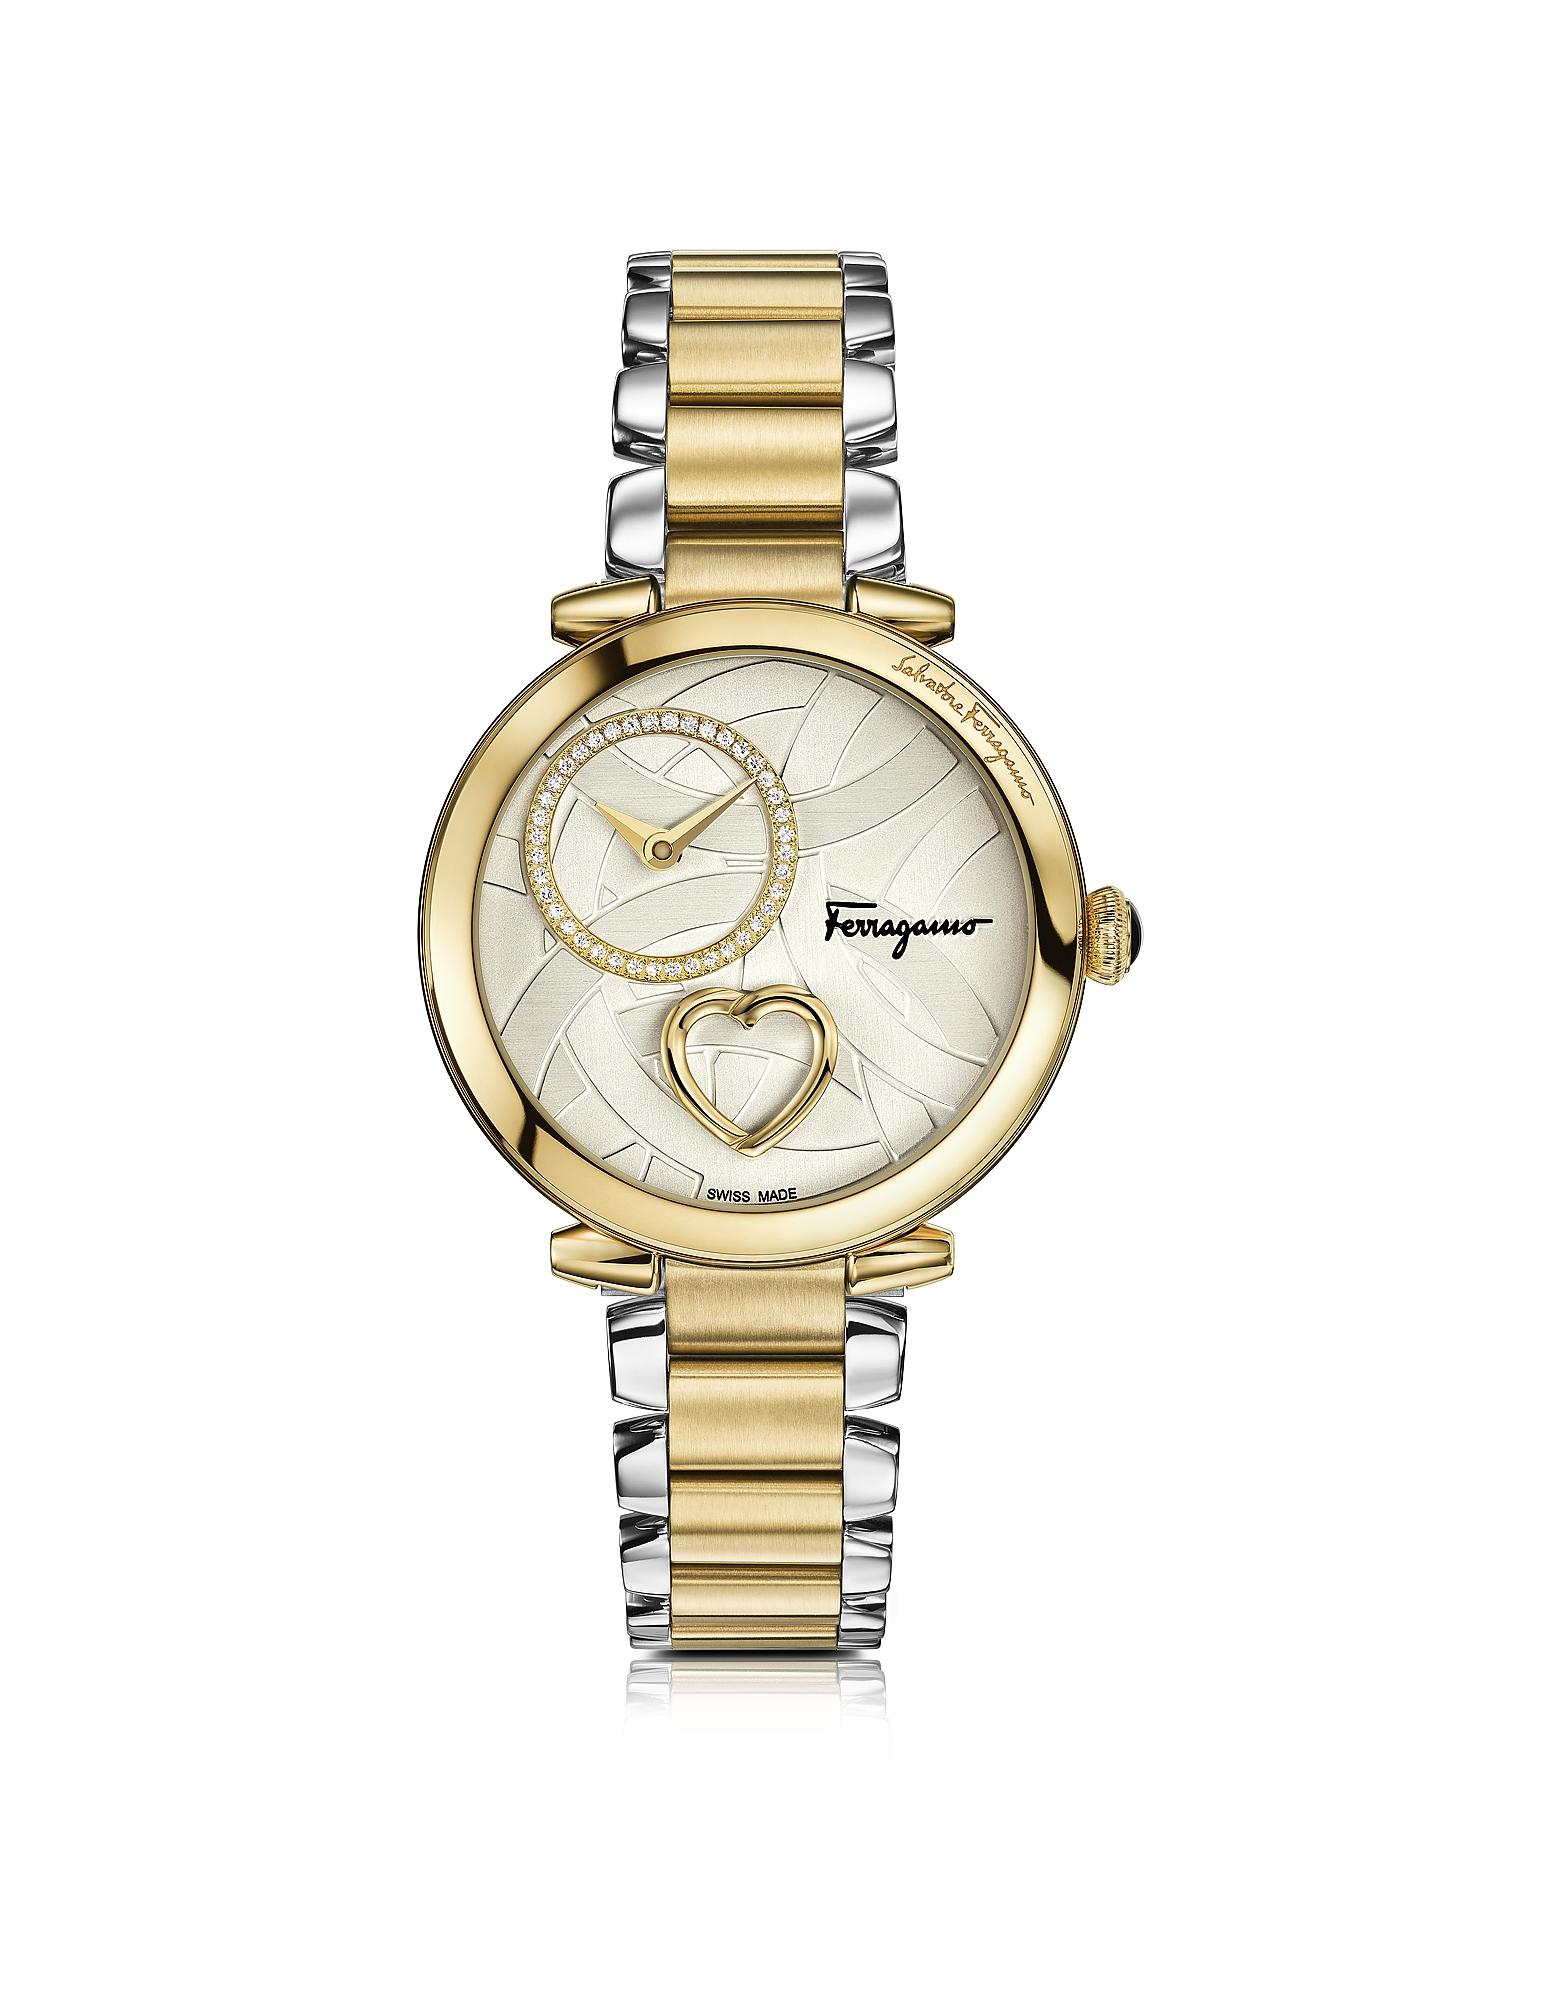 SALVATORE FERRAGAMO | серебристый Cuore Ferragamo - Женские Часы из Серебристой и Позолоченной Нержавеющей Стали с Бриллиантами, Сердцем и Браслетом | Clouty